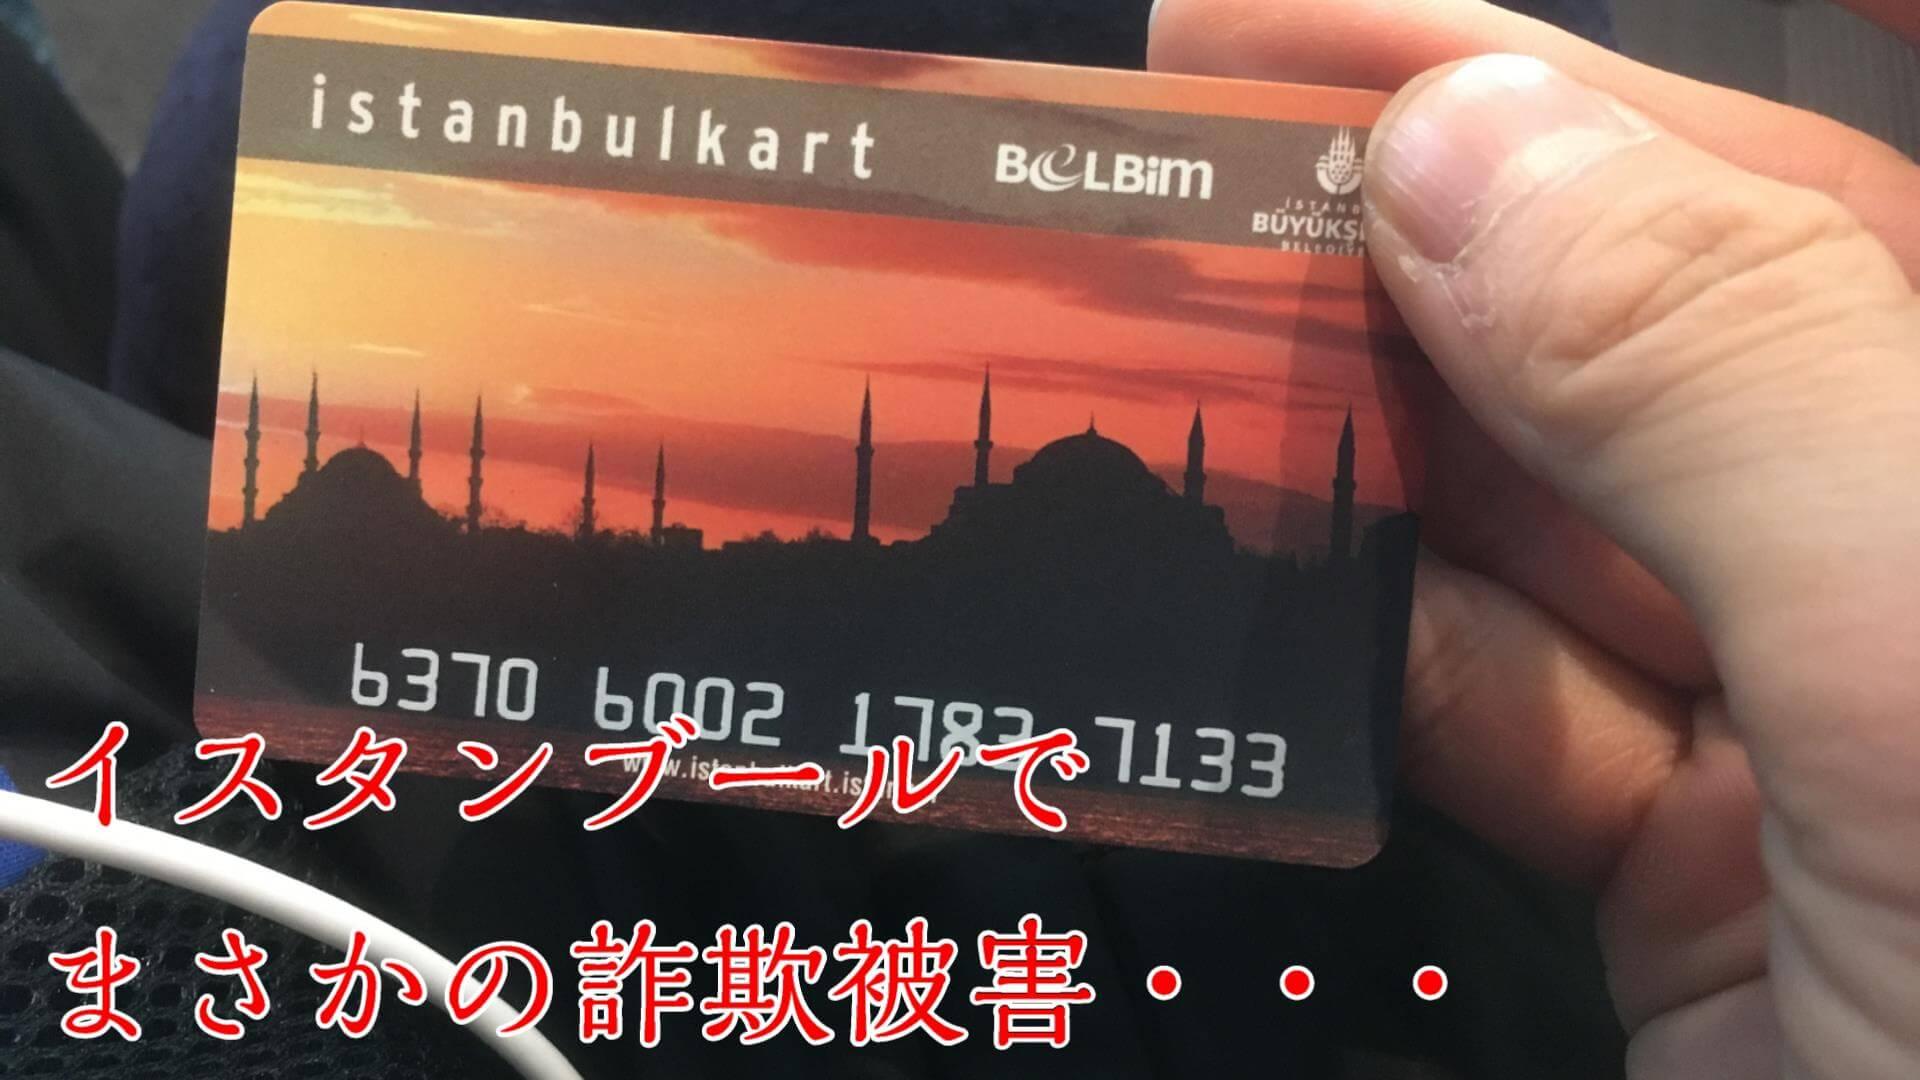 【イスタンブールカードで詐欺被害】イスタンブールでの交通・現金・宿泊!